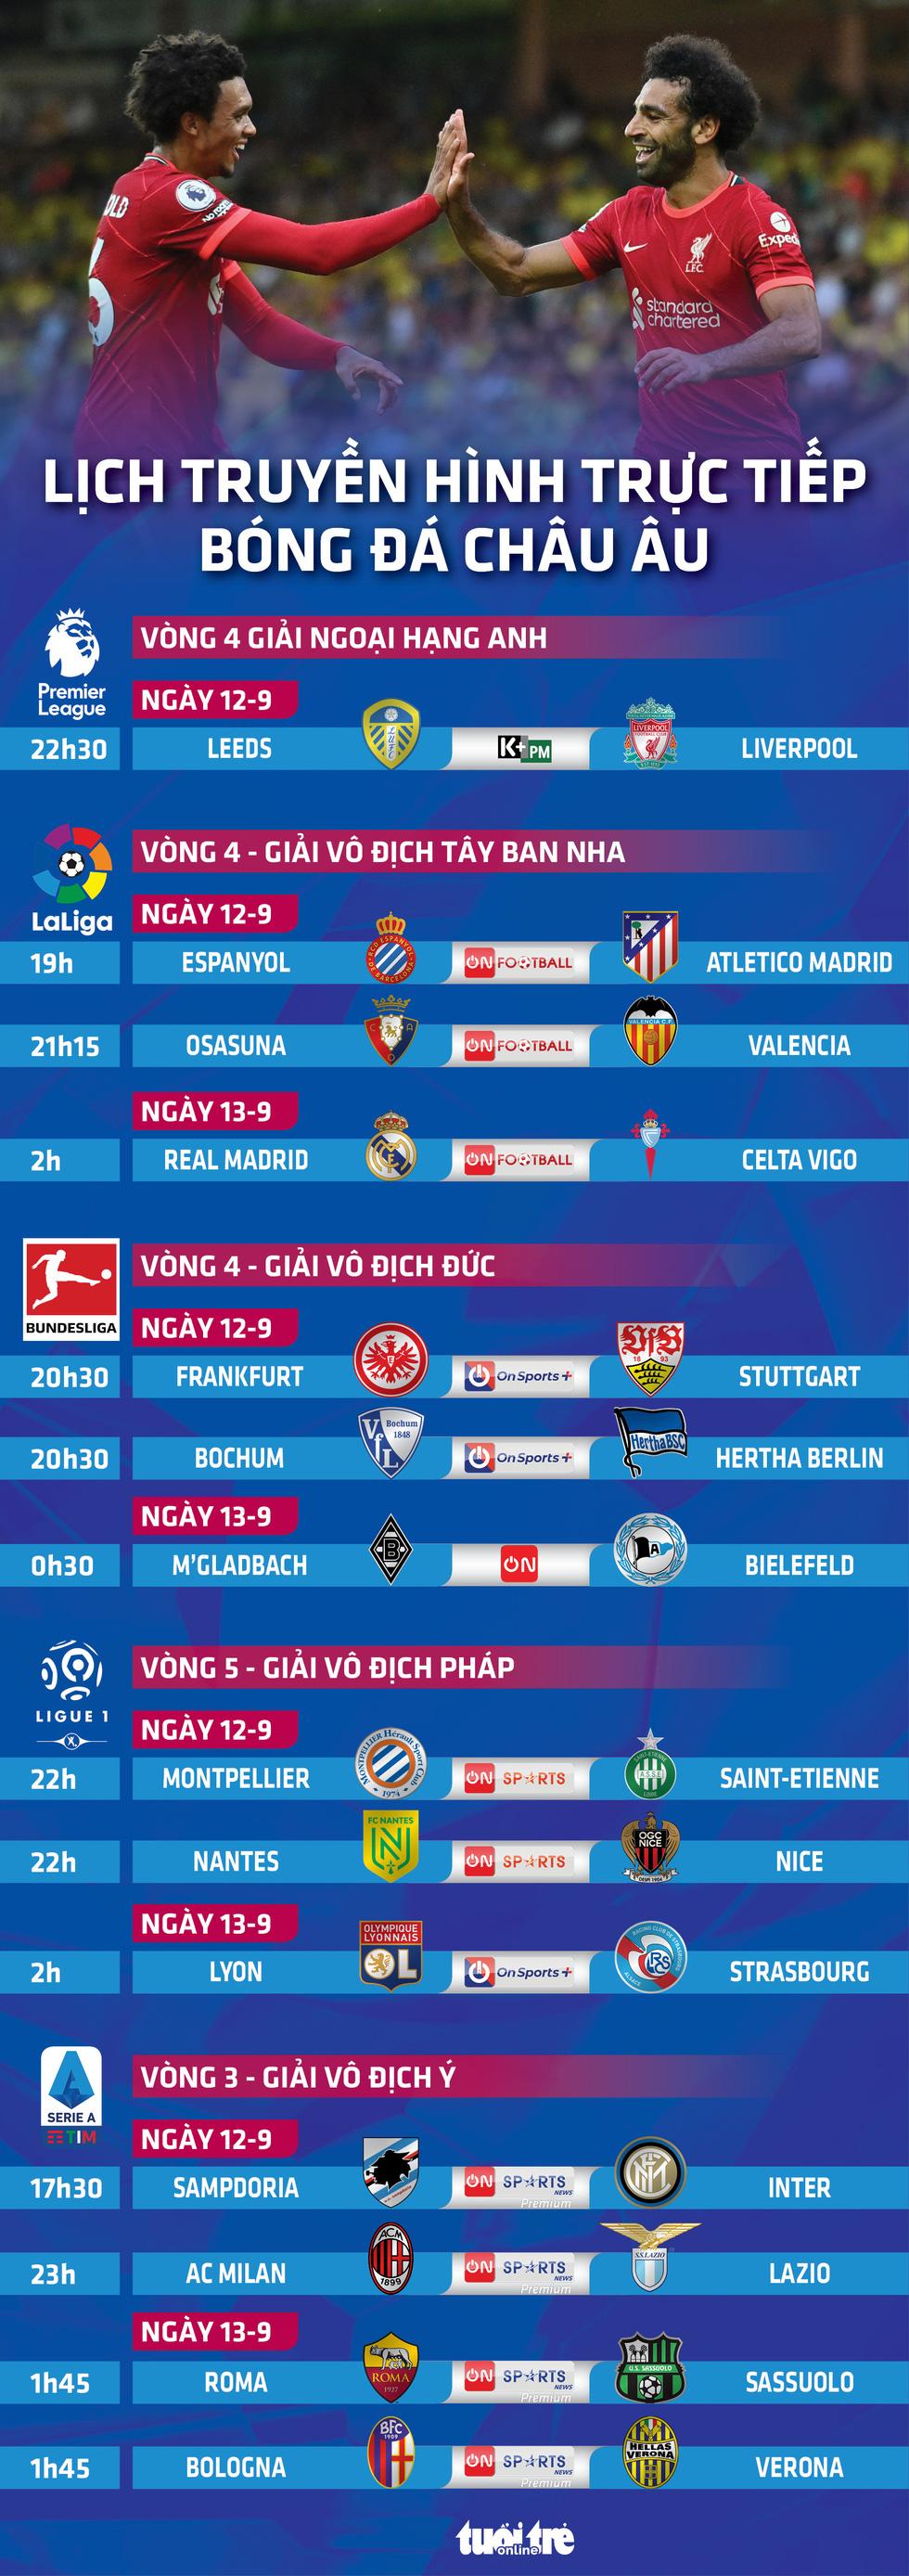 Lịch trực tiếp bóng đá châu Âu 12-9: Liverpool, Real Madrid vào trận - Ảnh 1.